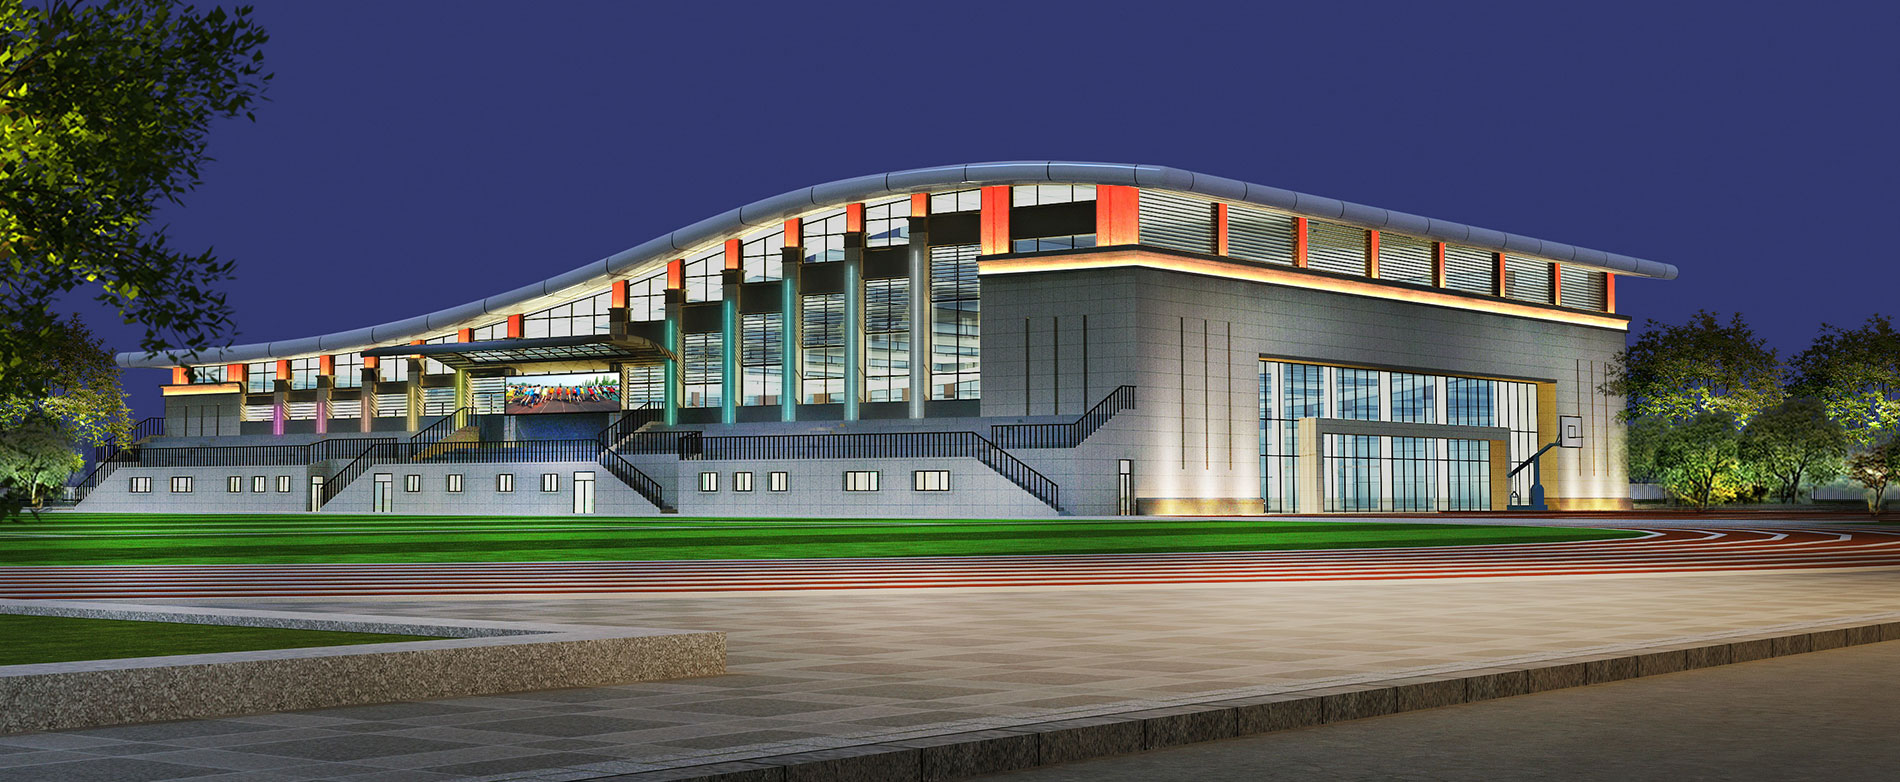 林州世纪学校-3